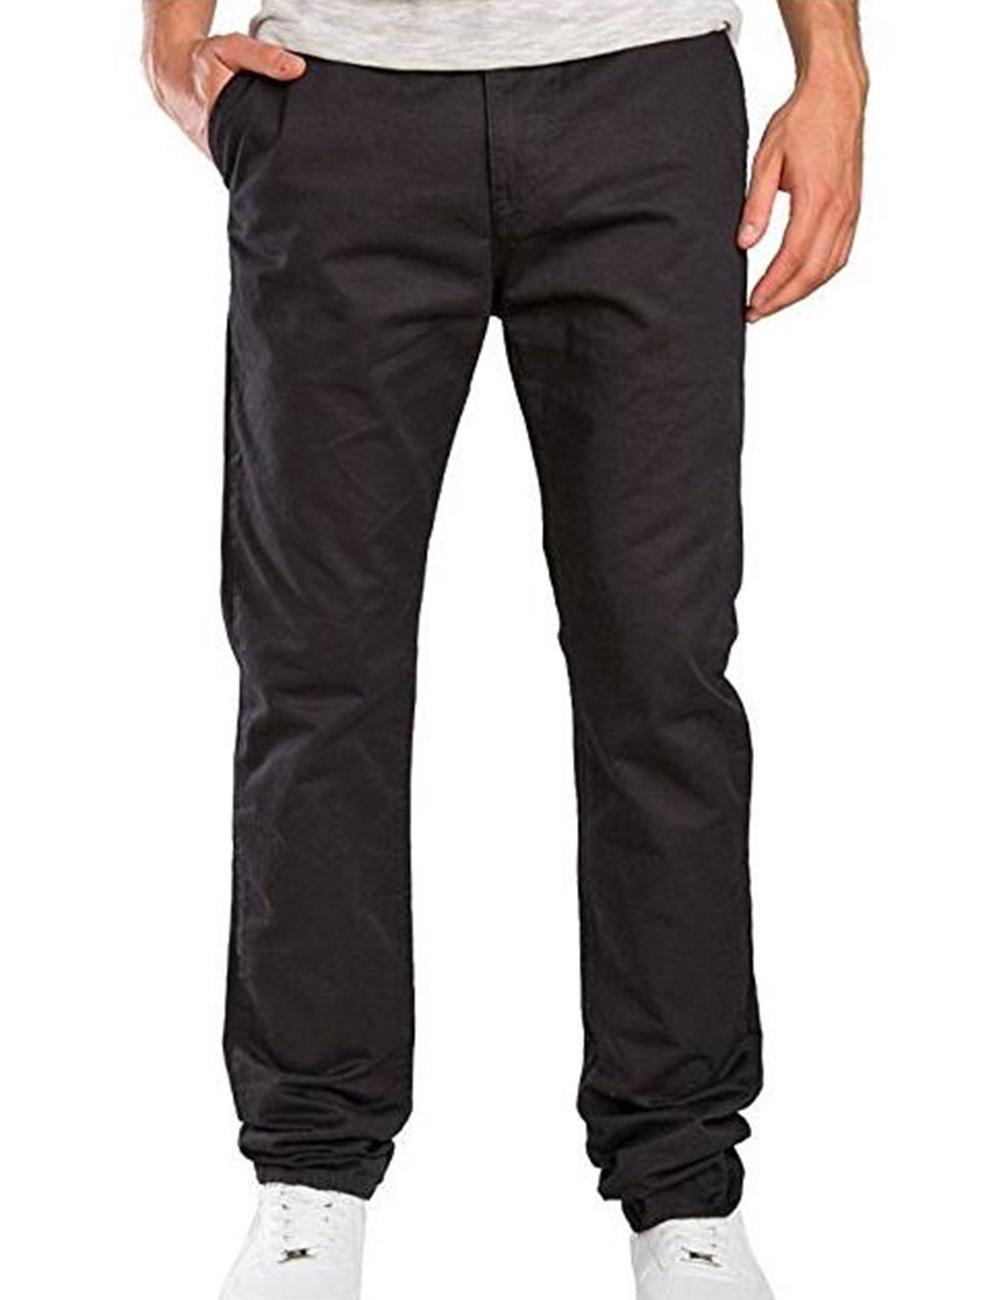 Fashionable Men Solid Color Trousers Business Straight-leg Pants Casual Cotton Pants black_M